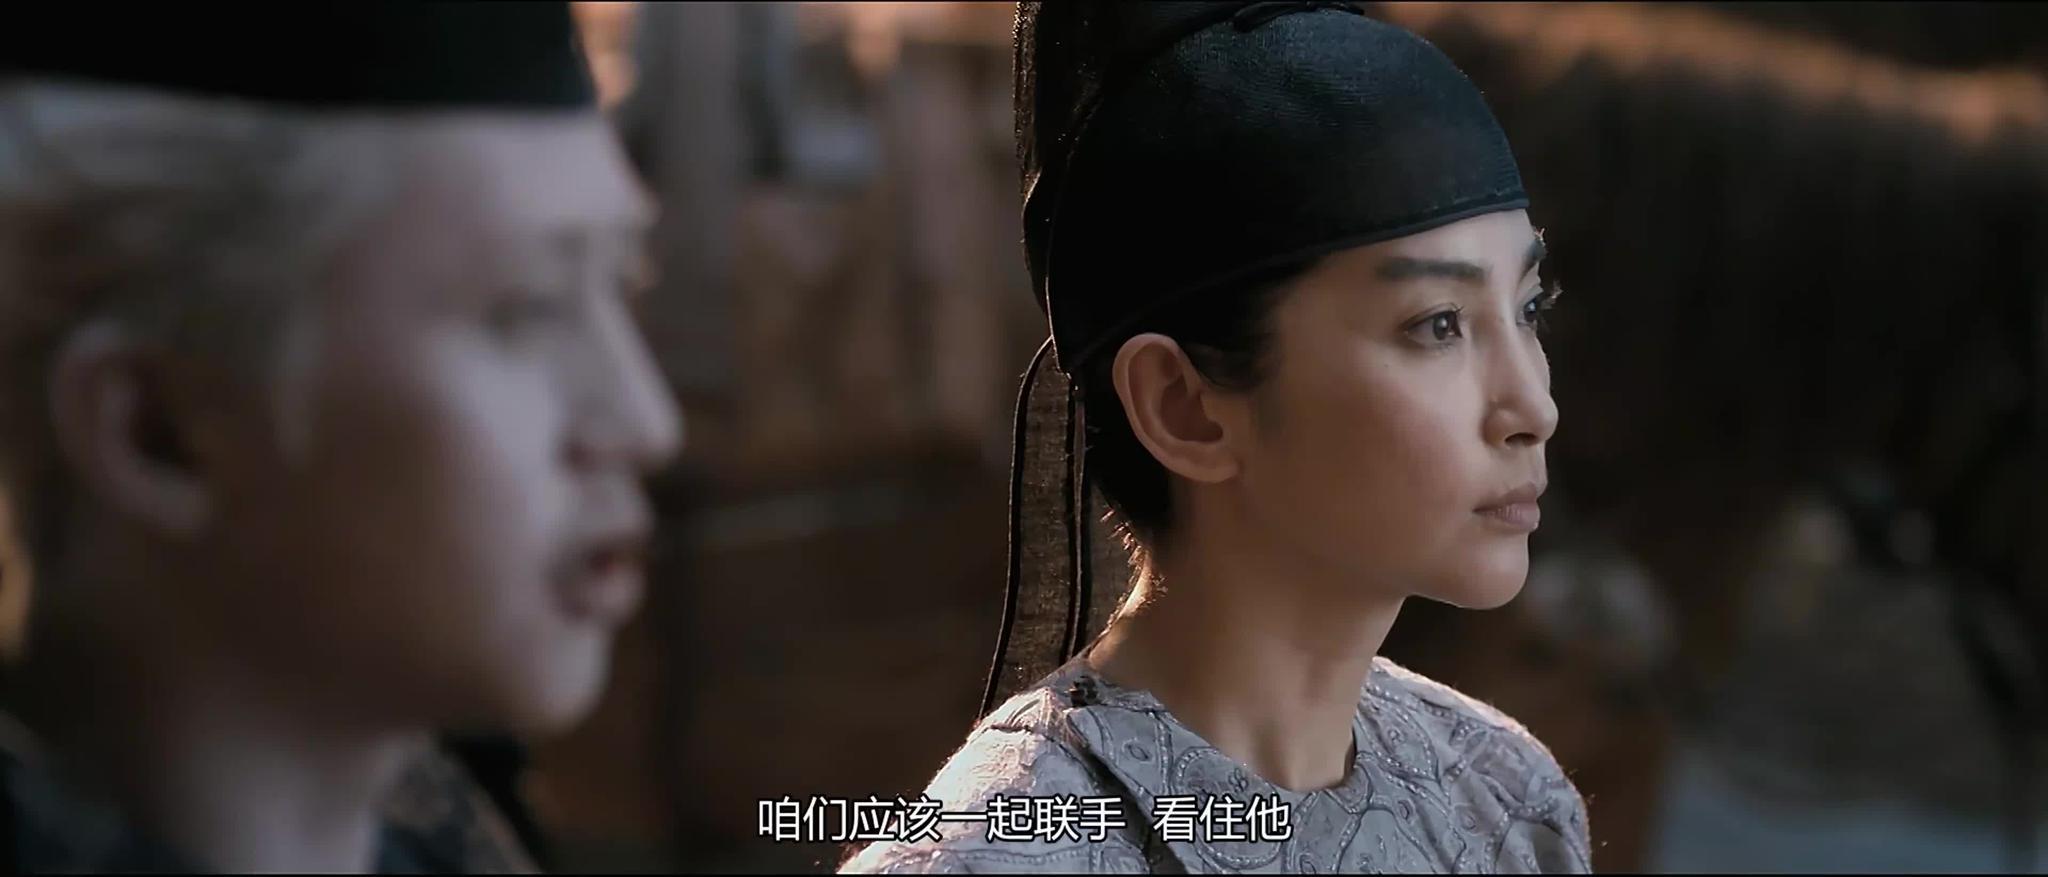 狄仁杰之通天帝国:邓超报复心太强了!编起谎话来一套又一套